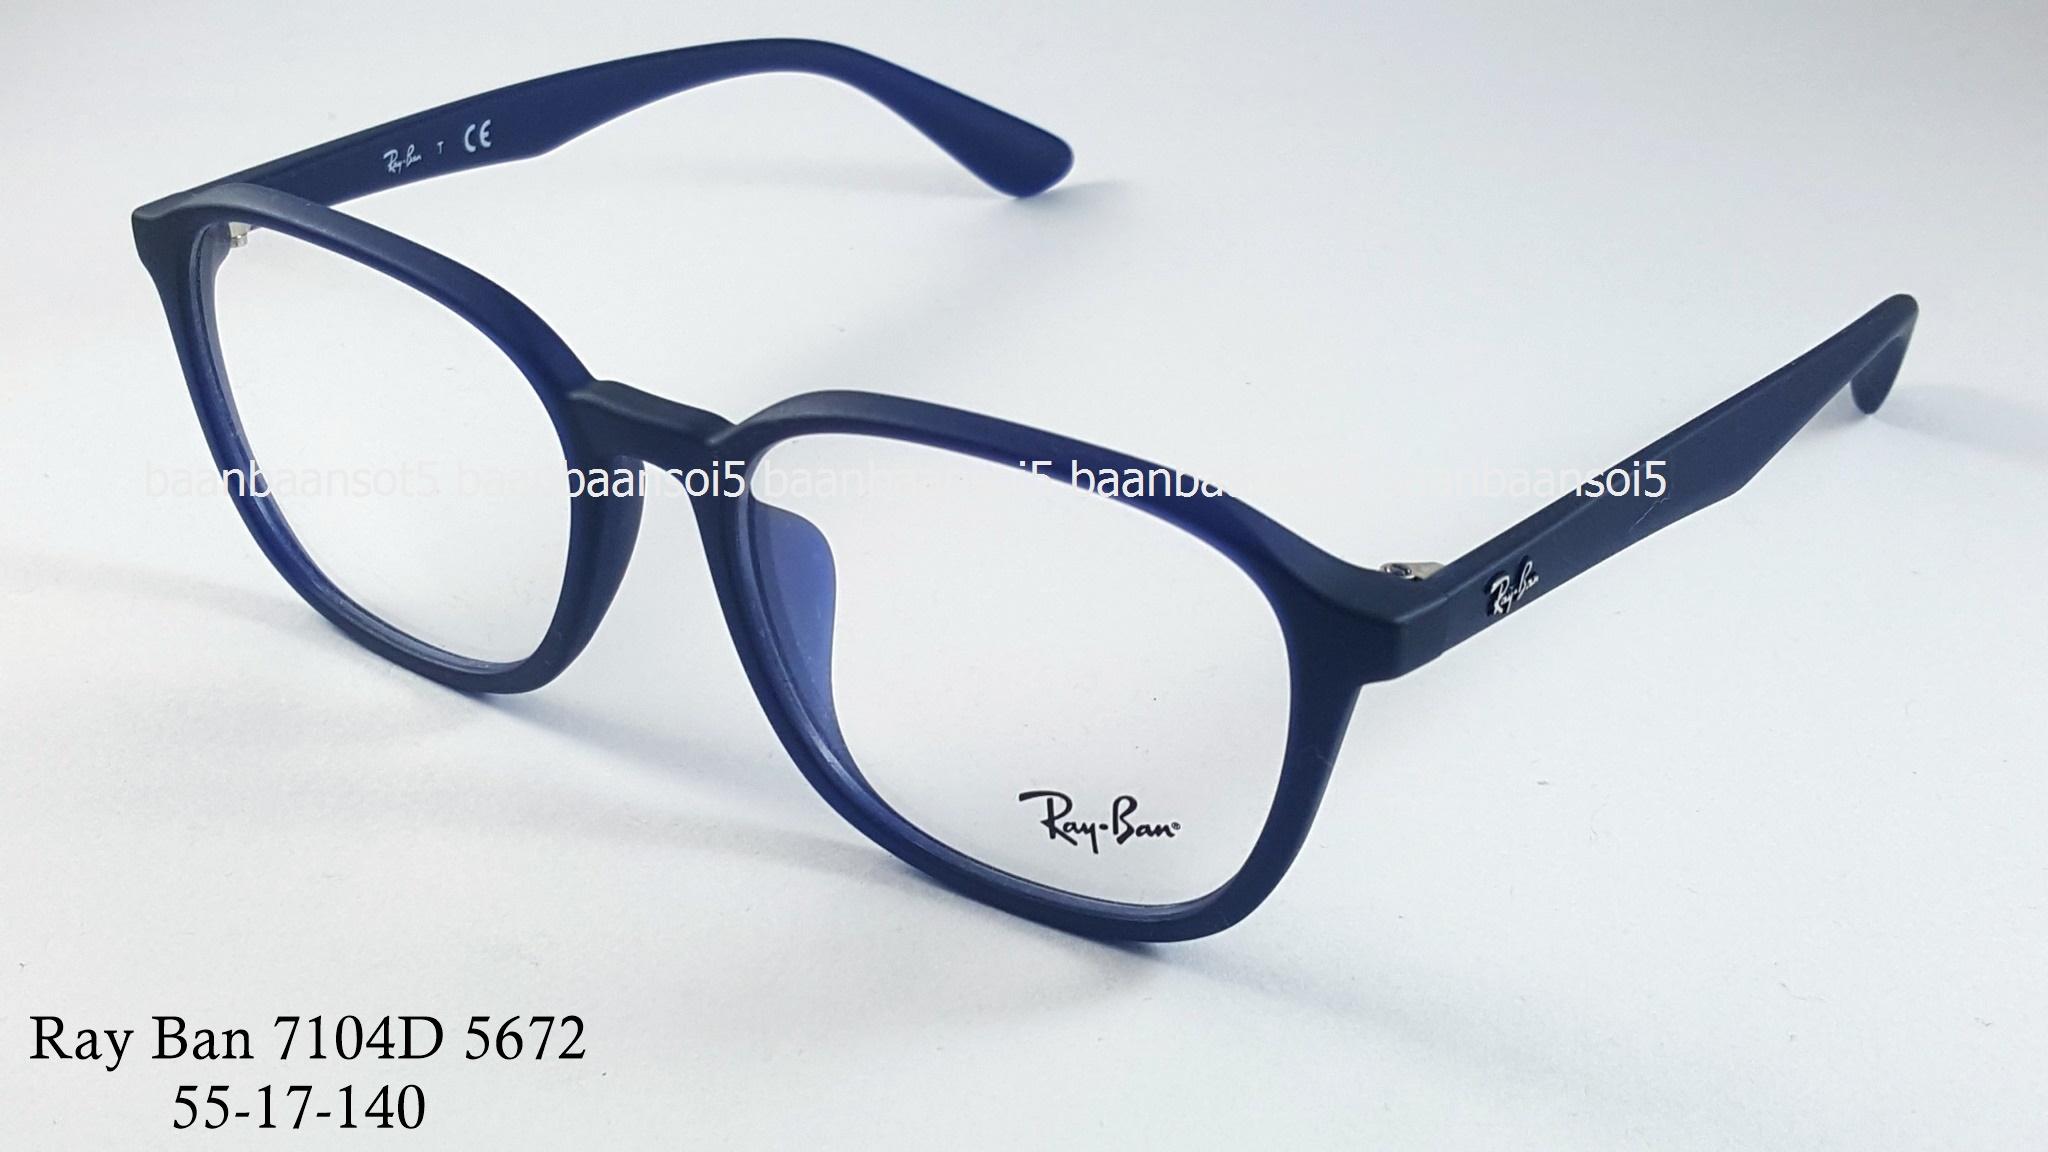 Rayban RX 7104D 5672 โปรโมชั่น กรอบแว่นตาพร้อมเลนส์ HOYA ราคา 2,900 บาท